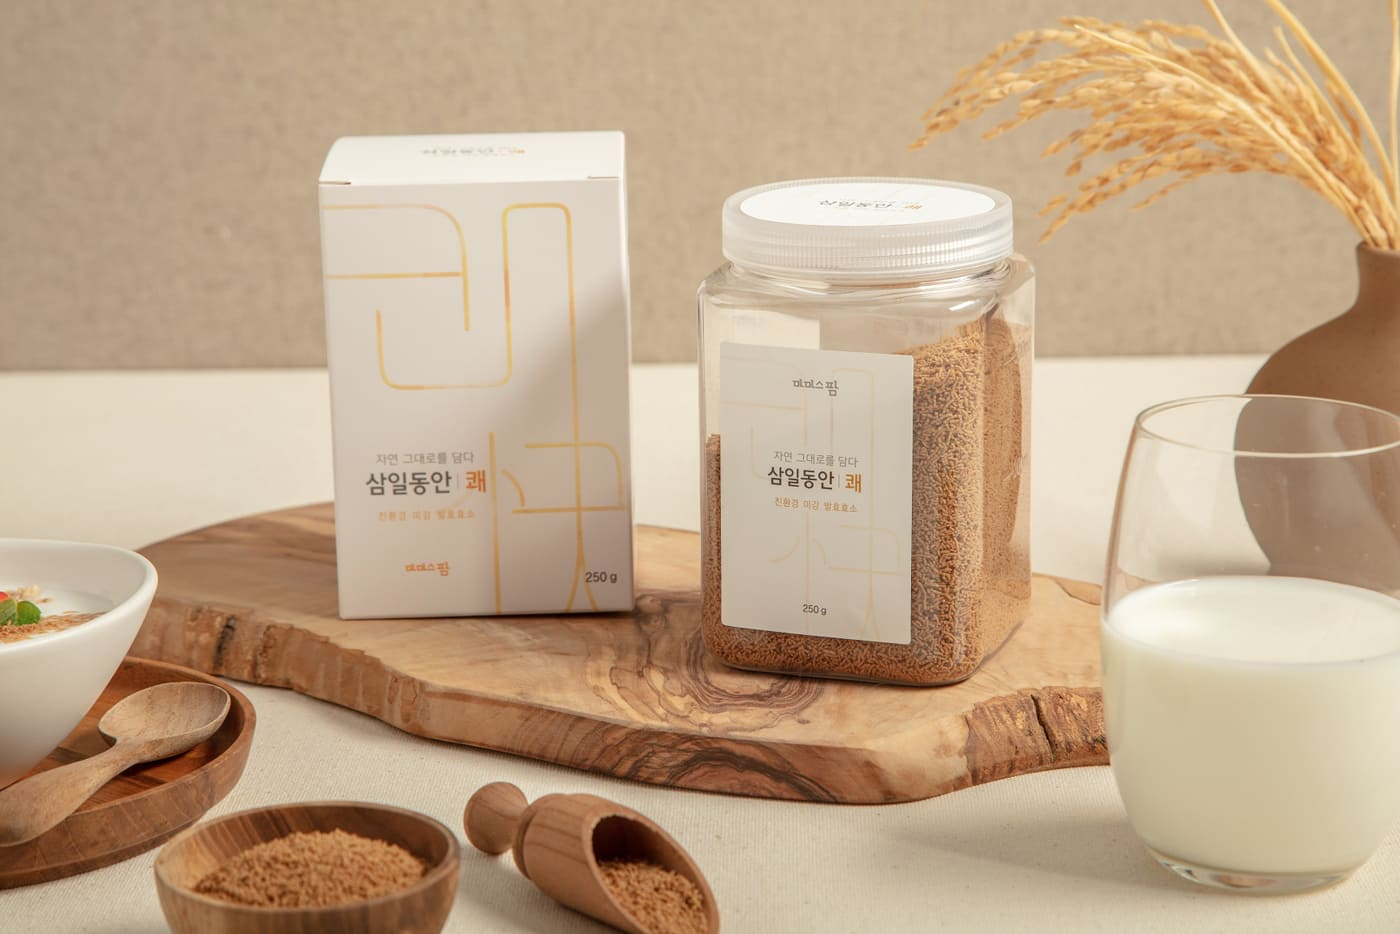 삼일동안 쾌(快) / 식이섬유 영양만점 쌀눈/쌀겨 '미강'으로 만든 발효 효소 가루 상세이미지1